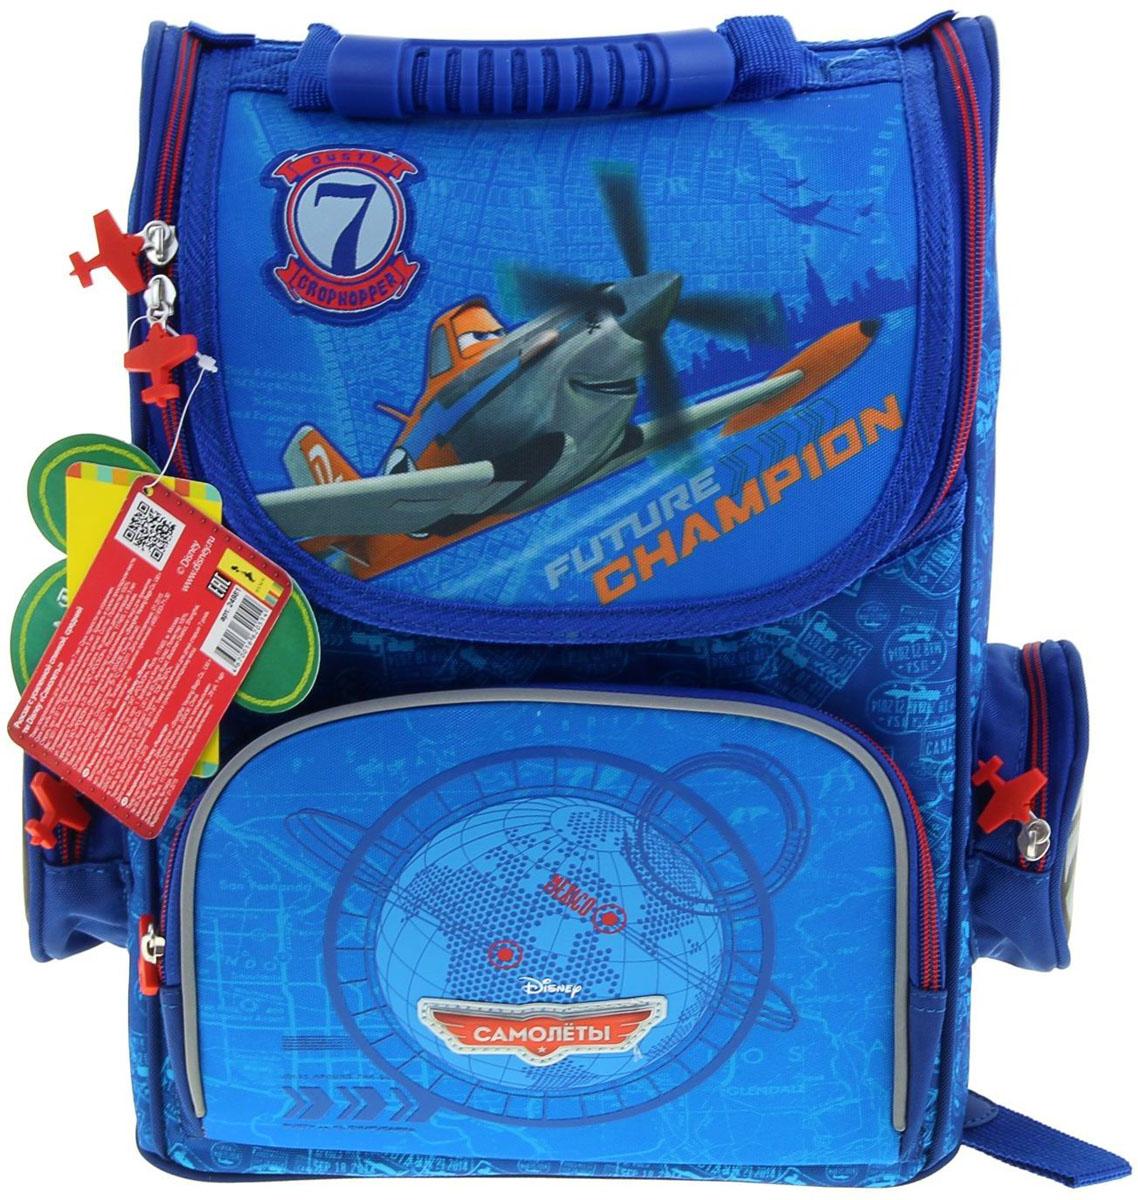 Disney Ранец школьный Самолеты цвет зеленый синий72523WDРанец, или портфель, — это жёсткая ученическая сумка, которая является традиционным атрибутом школьного «снаряжения».Характеристики идеального современного ранца для школьника выглядят так:жёсткие корпус и спинка;регулируемые широкие мягкие лямки;наличие светоотражателей;масса — 600?800 г;мягкие подушечки на спинке и сетчатая, «дышащая» задняя сторона.Ранец стандарт Disney Самолеты, для мальчика — это очень практичное и качественное текстильное изделие, которое отвечает всем перечисленным требованиям.Жёсткий корпус защитит ребёнка и содержимое: он не позволит книгам и учебникам «втыкаться» в спину и сбережёт ранец, если ученик его уронит. А смягчающие элементы (поролон и сетка) сделают процесс ношения этого изделия комфортным.